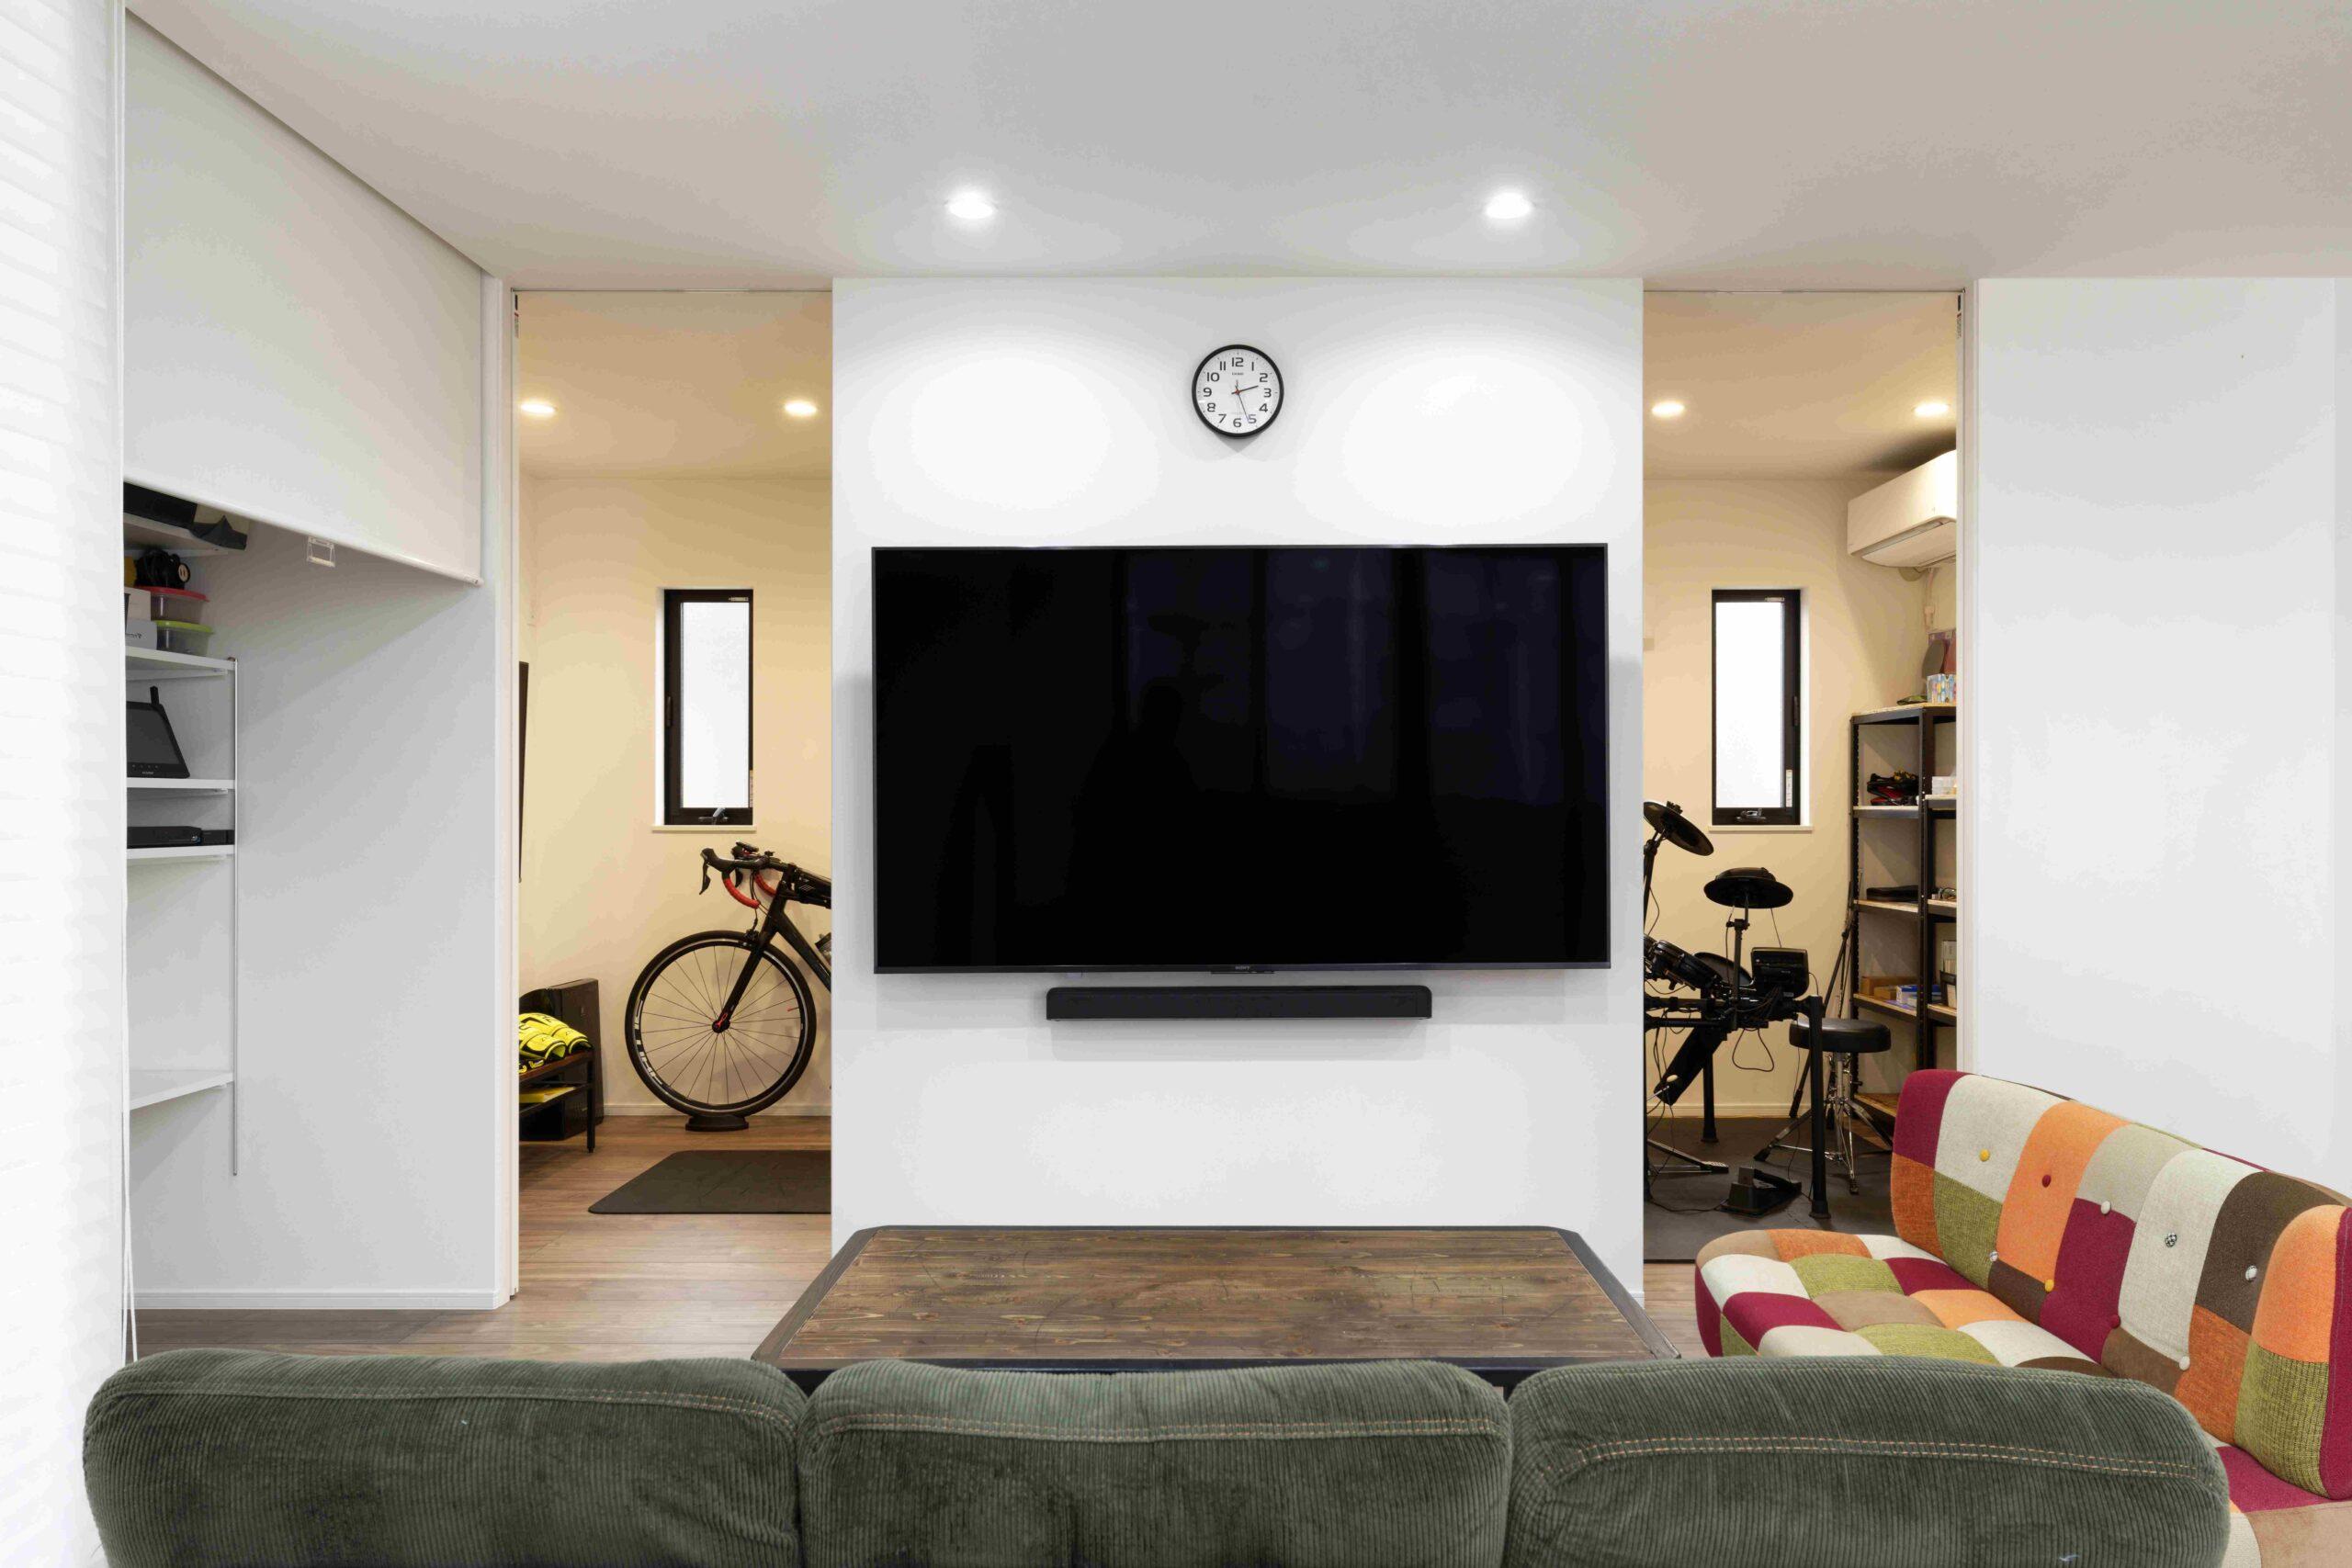 リビングからつながるお部屋には、天井まであるハイドアを採用。扉を開けるとより一体感が感じられます。